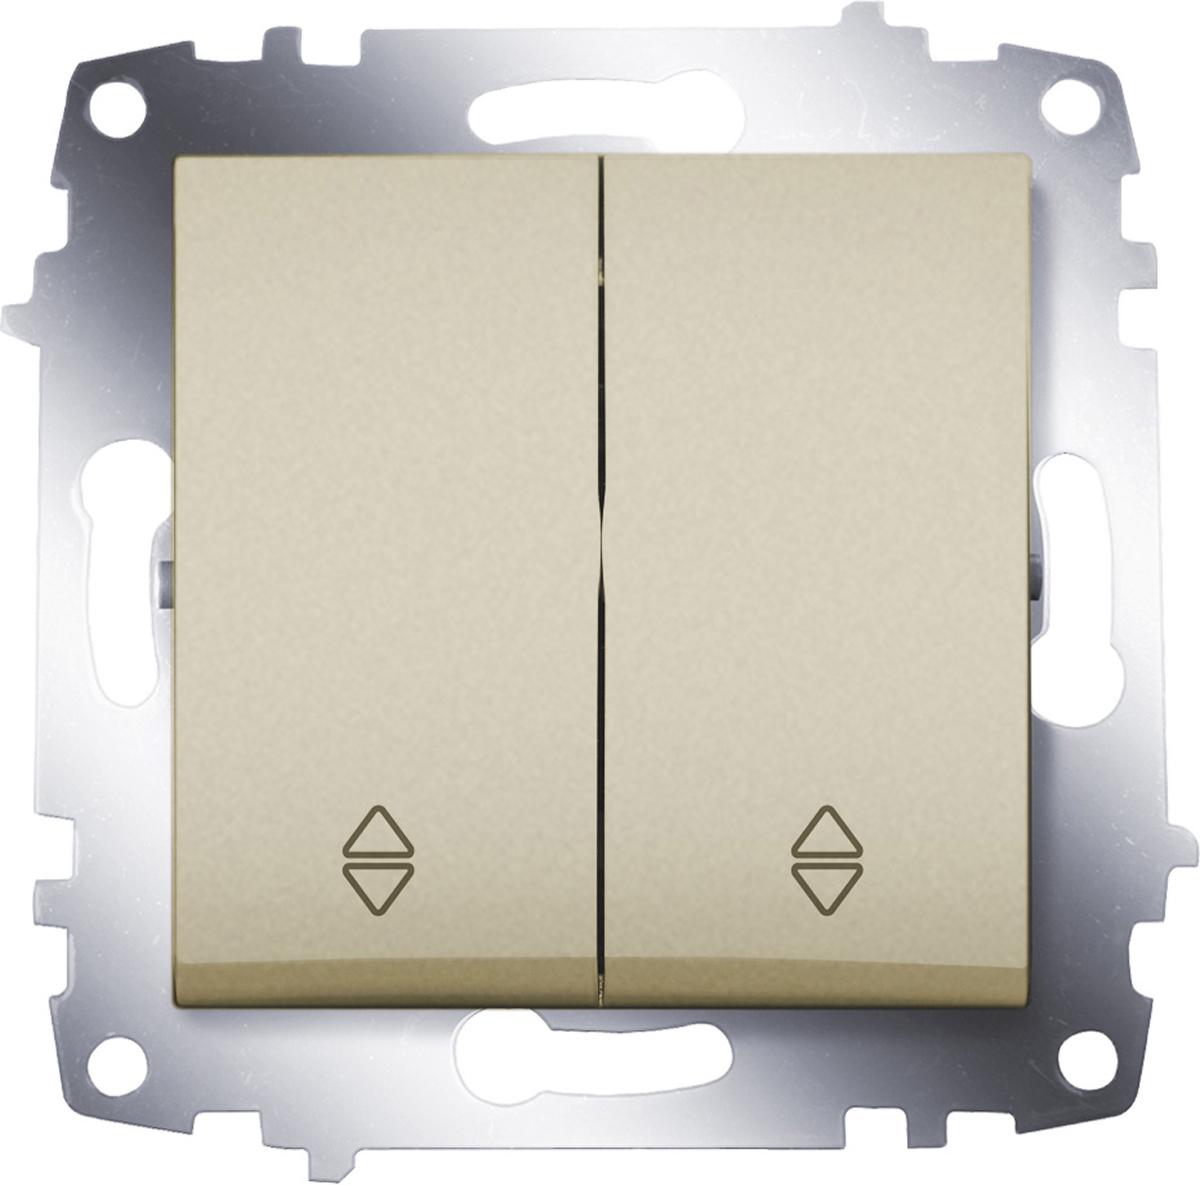 Переключатель ABB Cosmo, двухклавишный, схема 6, цвет: титаниум розетка abb bjb basic 55 шато 2 разъема с заземлением моноблок цвет чёрный